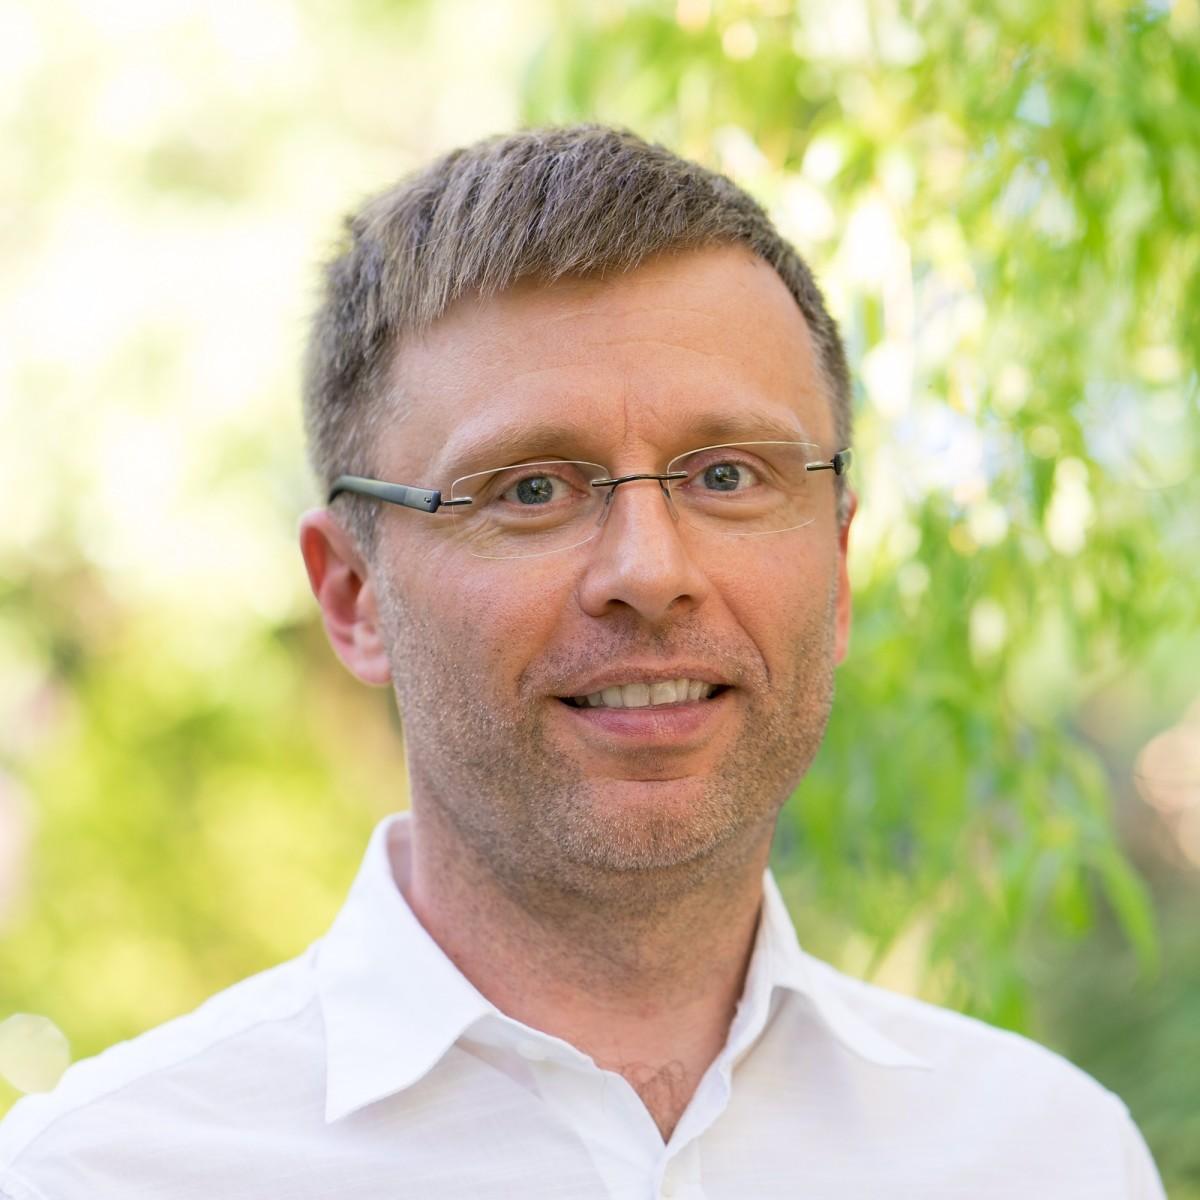 Анонс Java-конференции JPoint 2018: JDK 9, высокие нагрузки и производительность JVM - 3